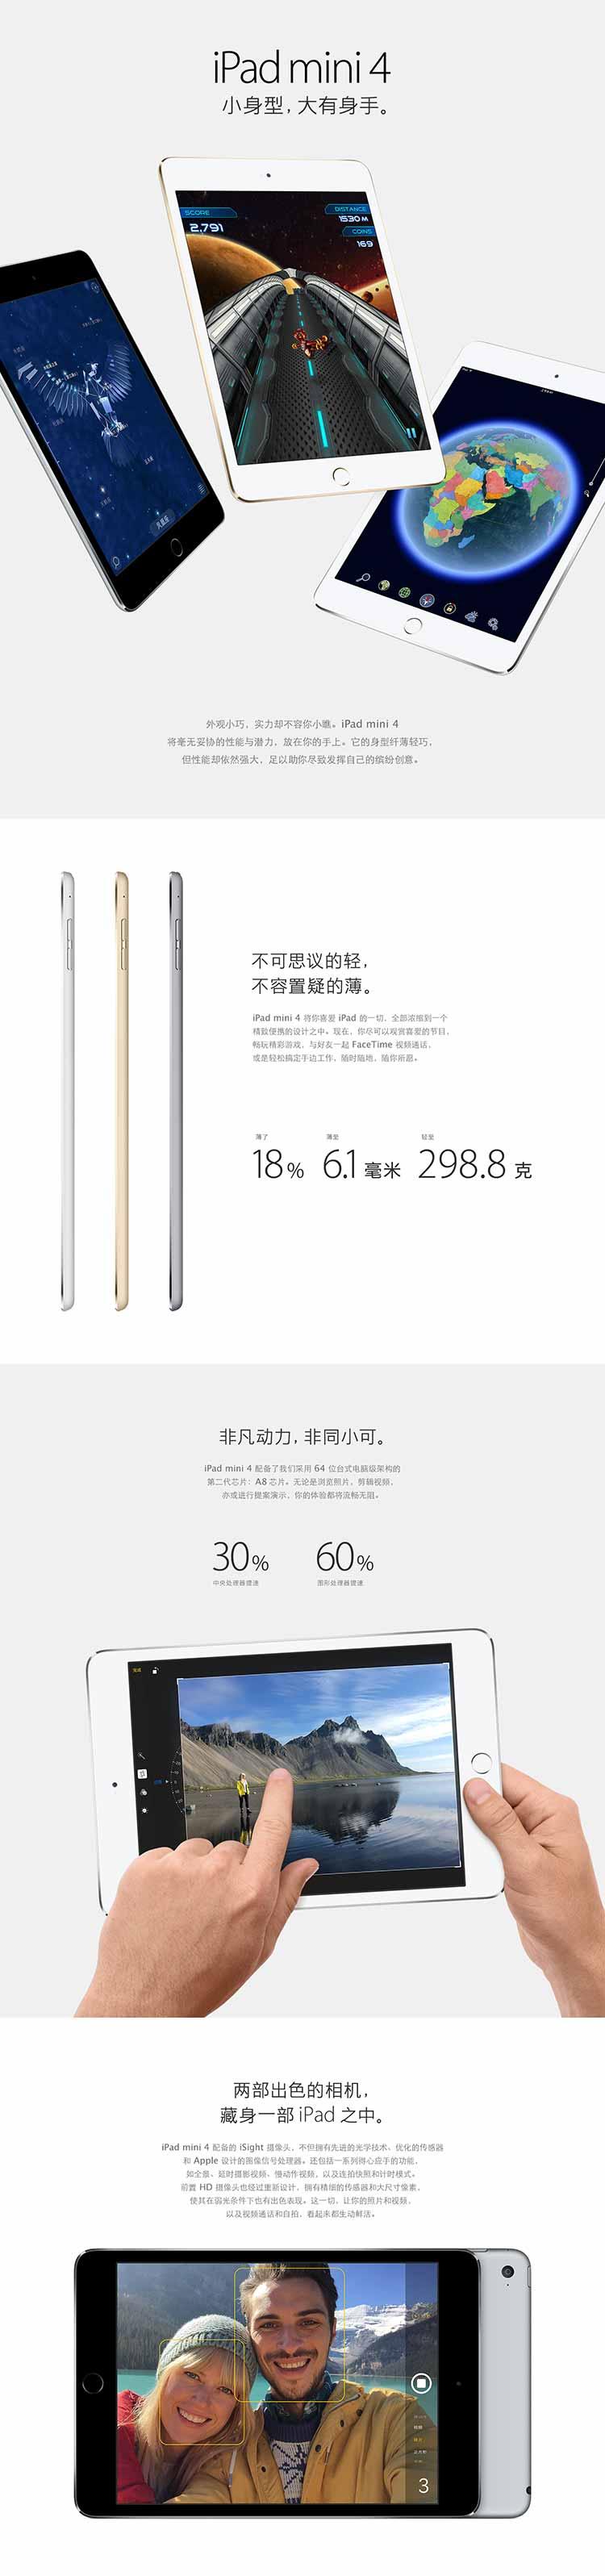 Apple iPad mini 4 平板电脑 7.9英寸苹果平板电脑租赁